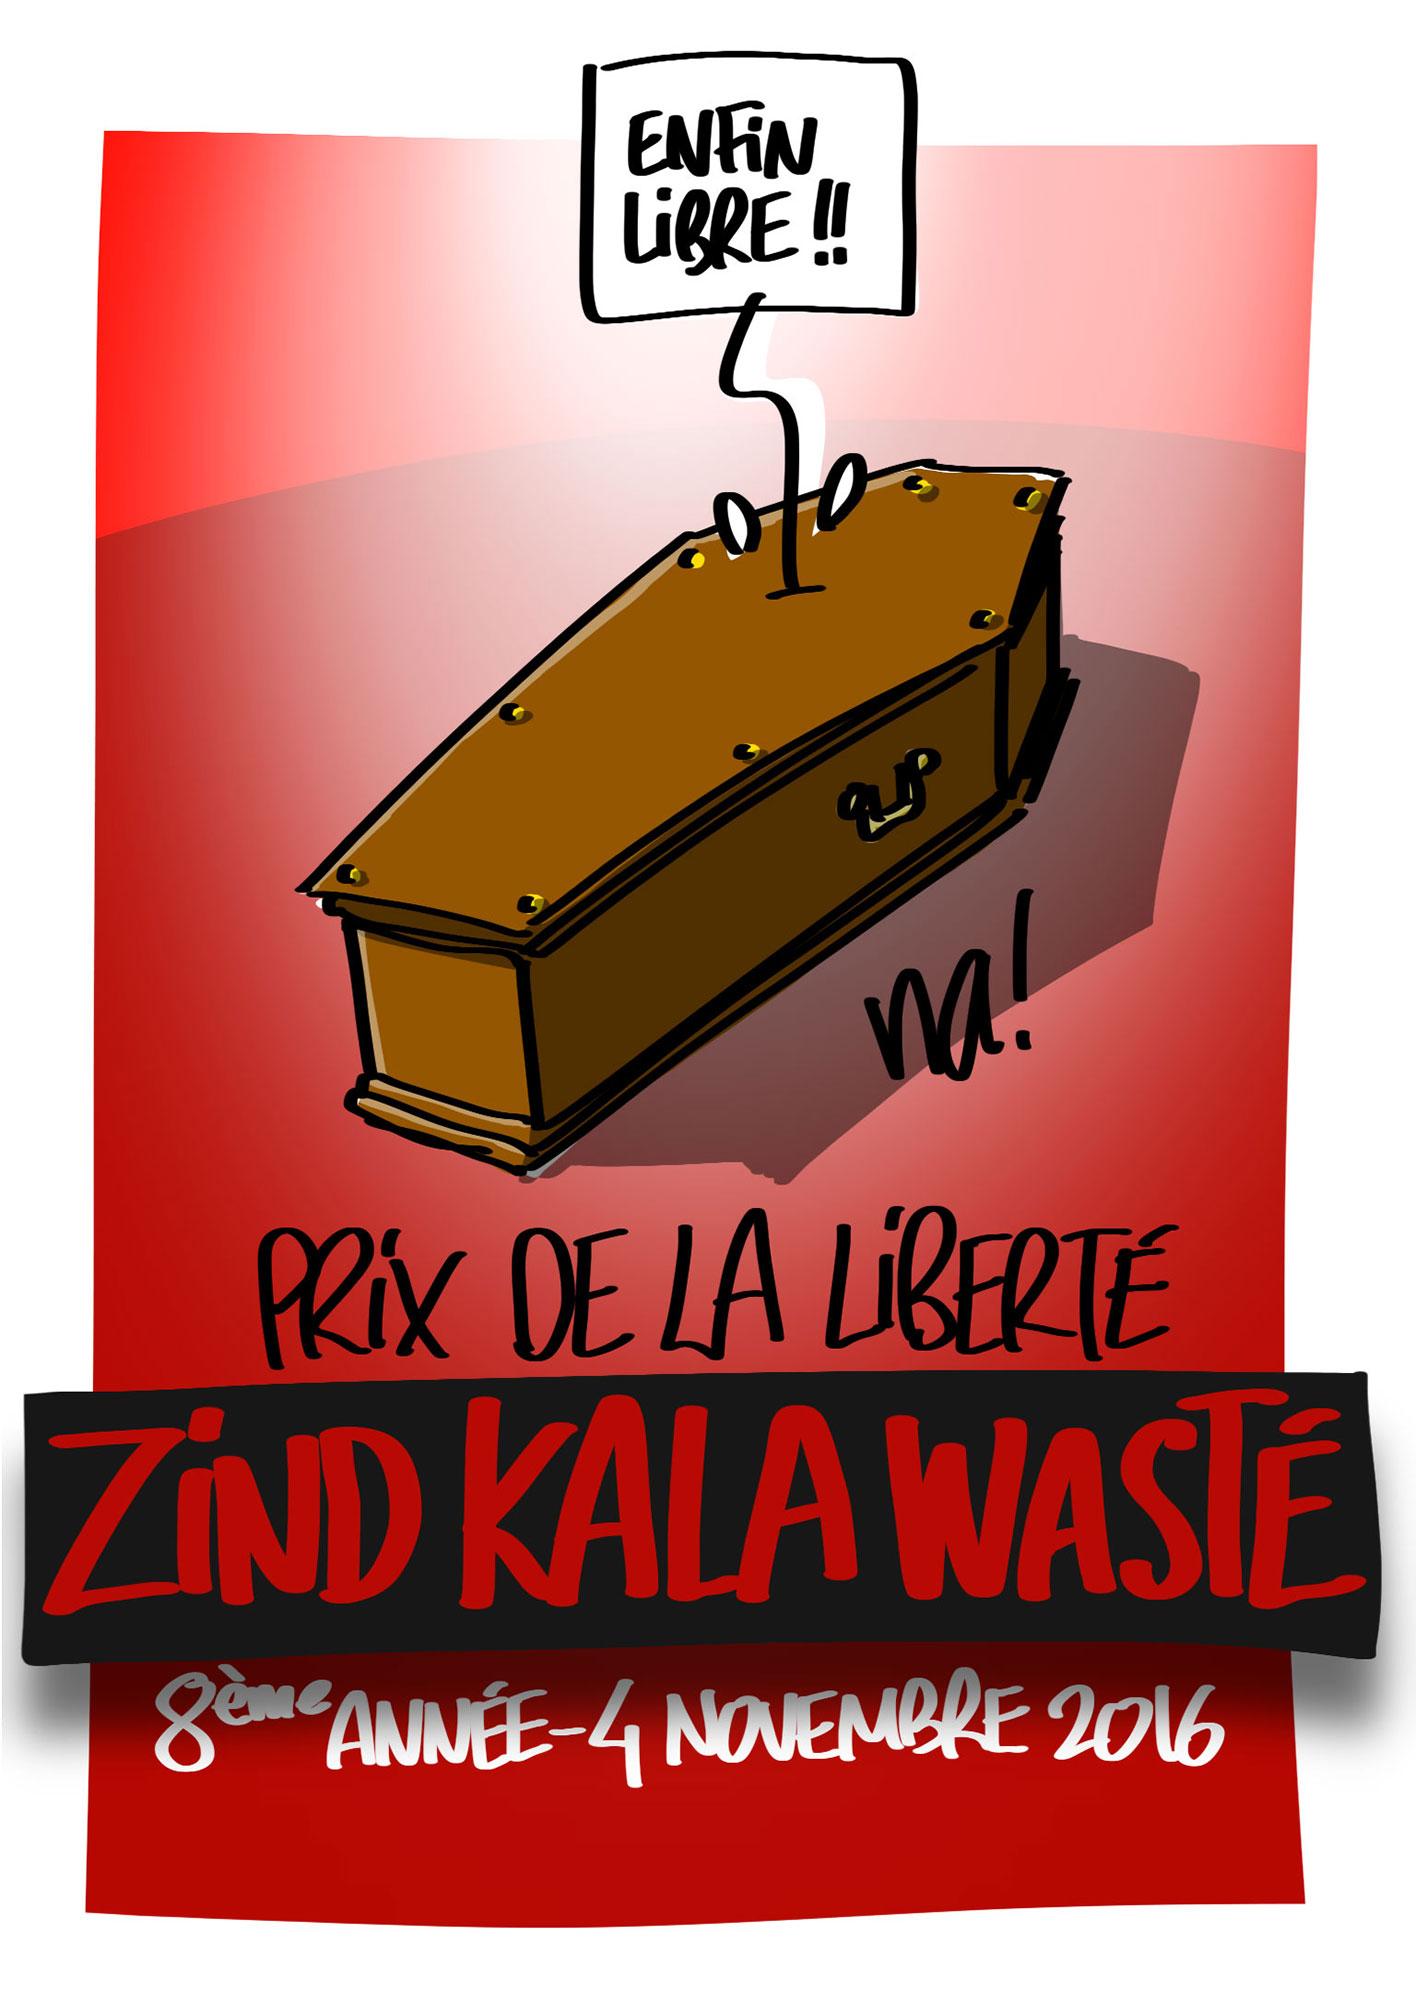 Le Réservoir du Zind-Kala-Waste